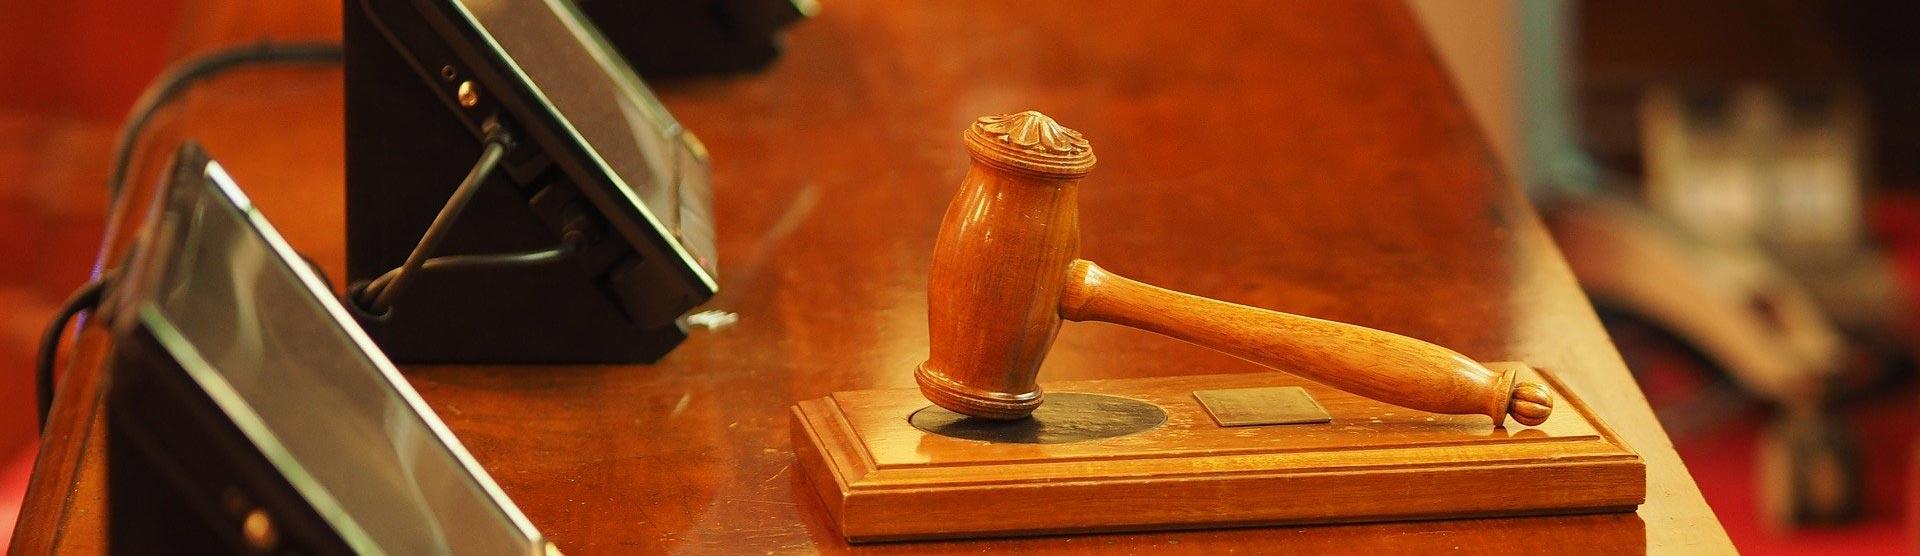 Immobilienrecht - Holzhammer-Gericht auf braunem Tisch